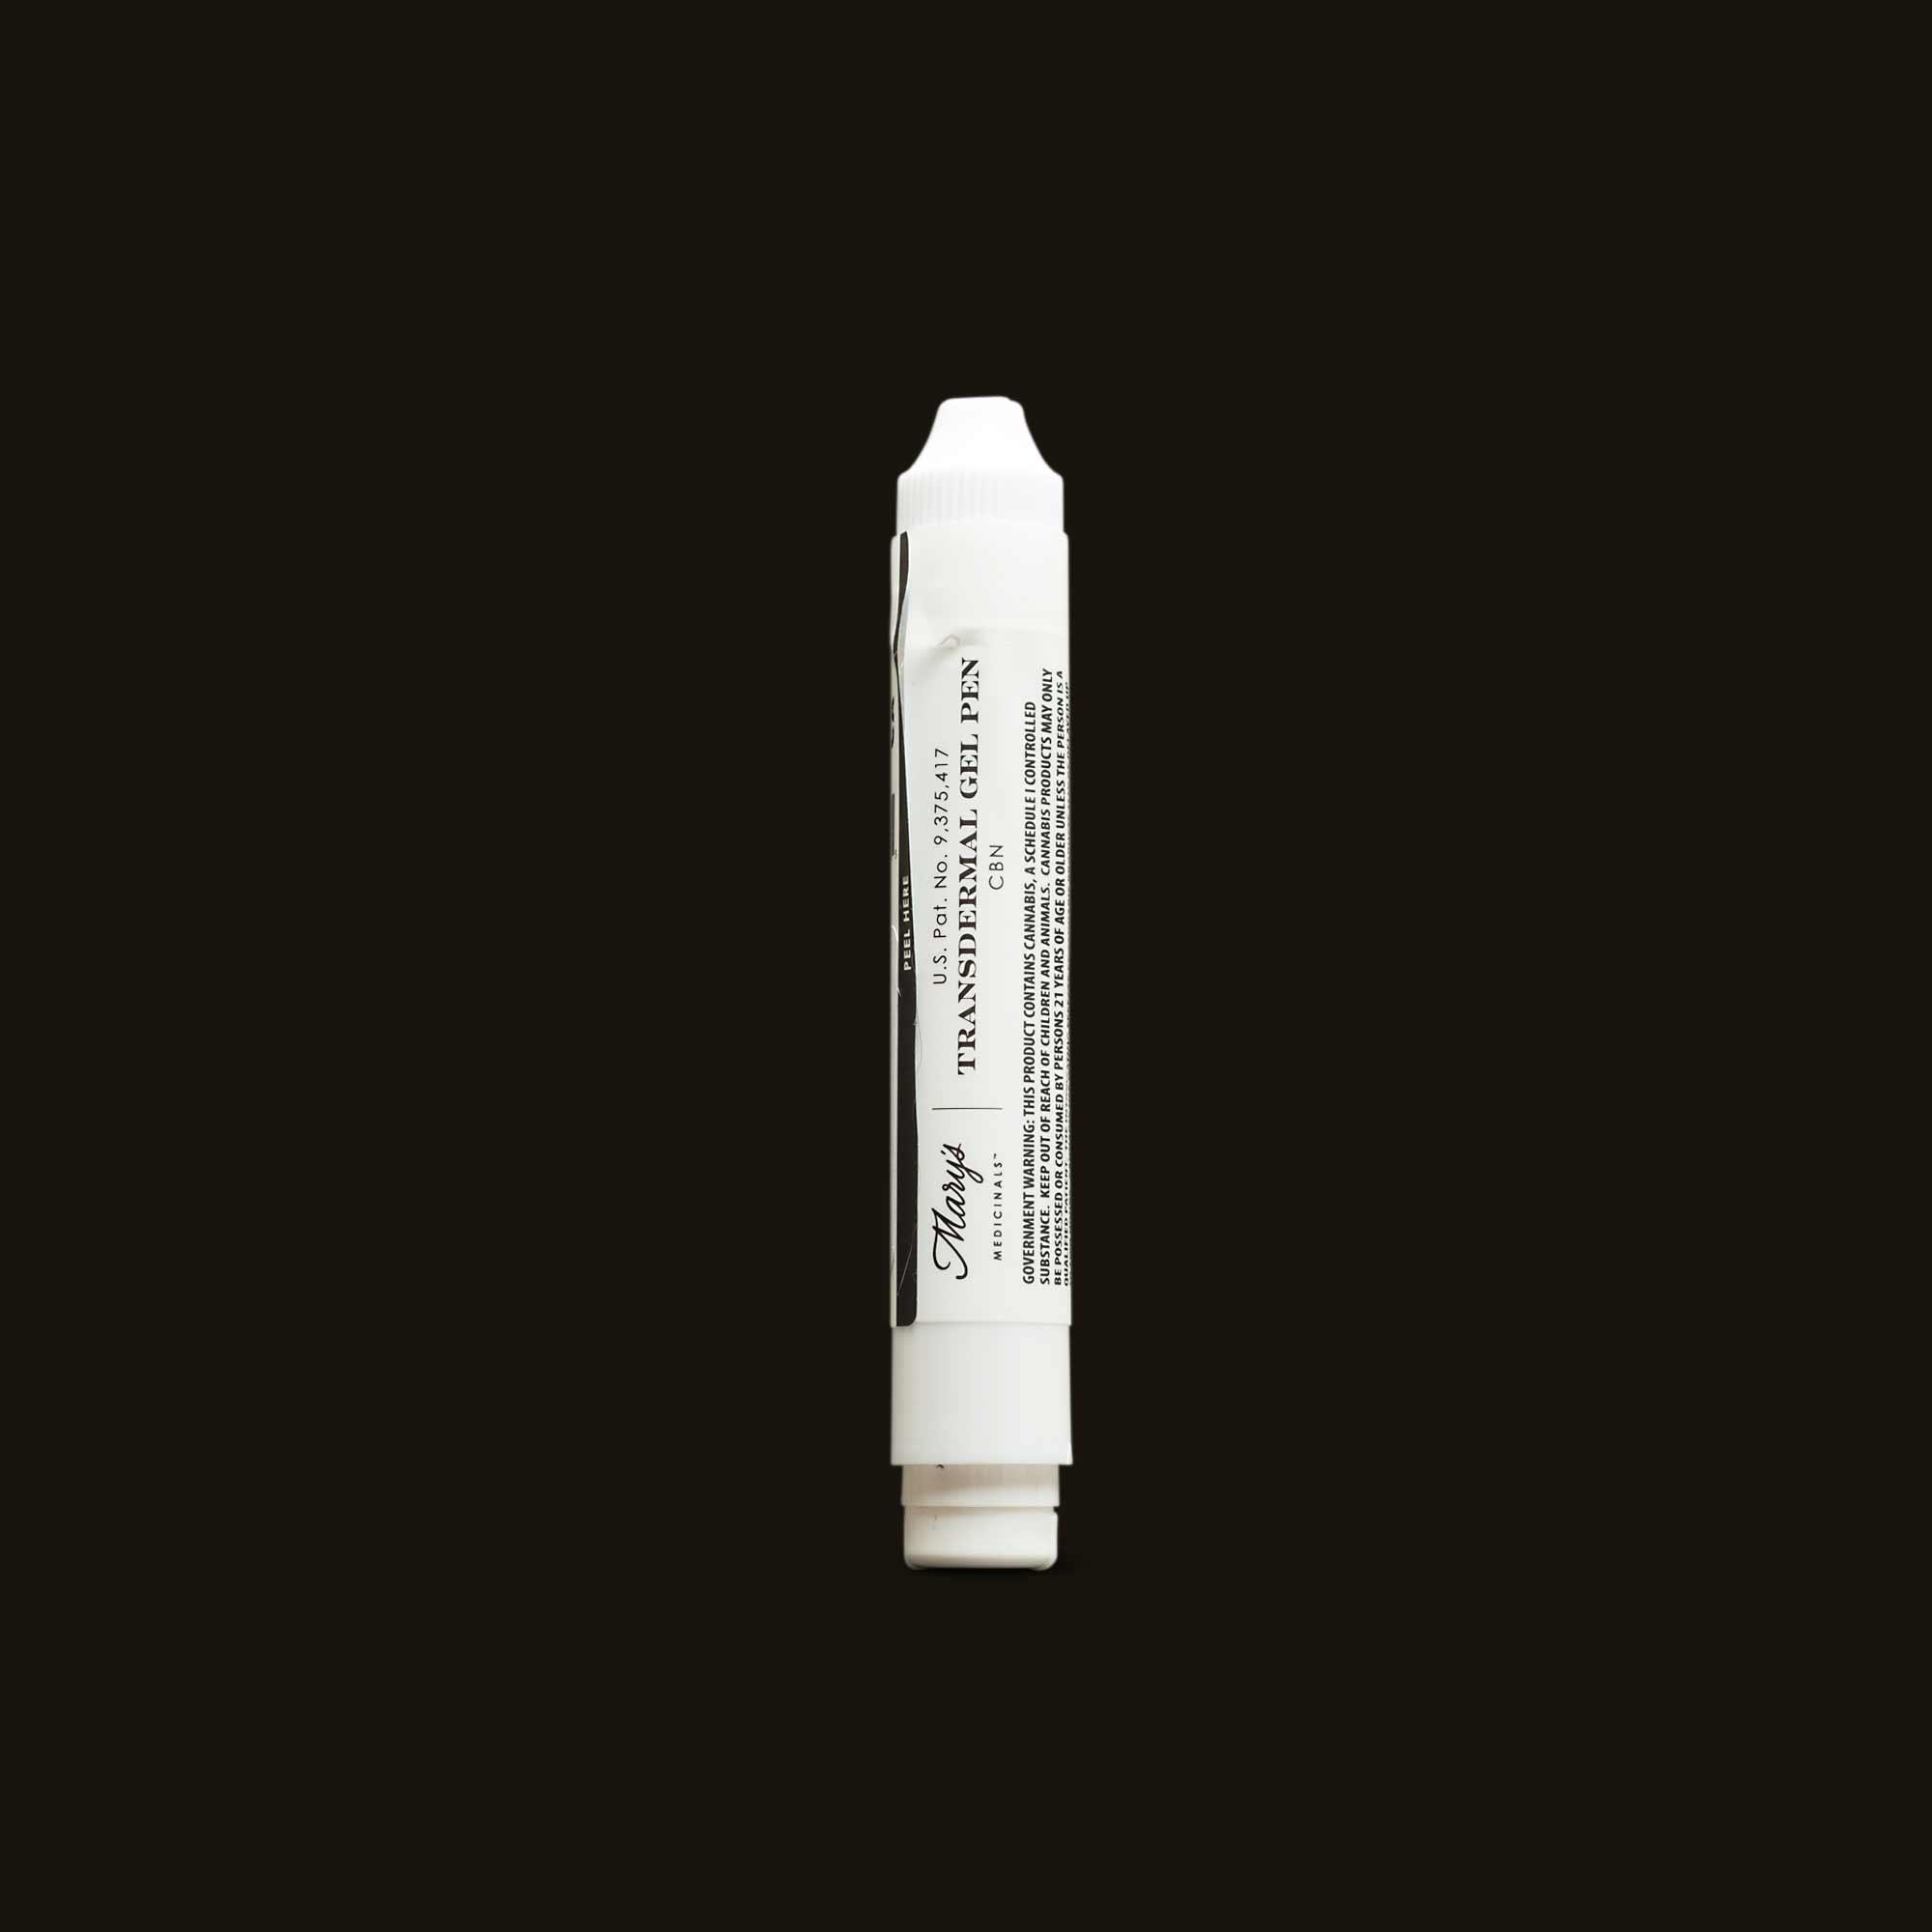 Mary's Medicinals CBN Transdermal Pen